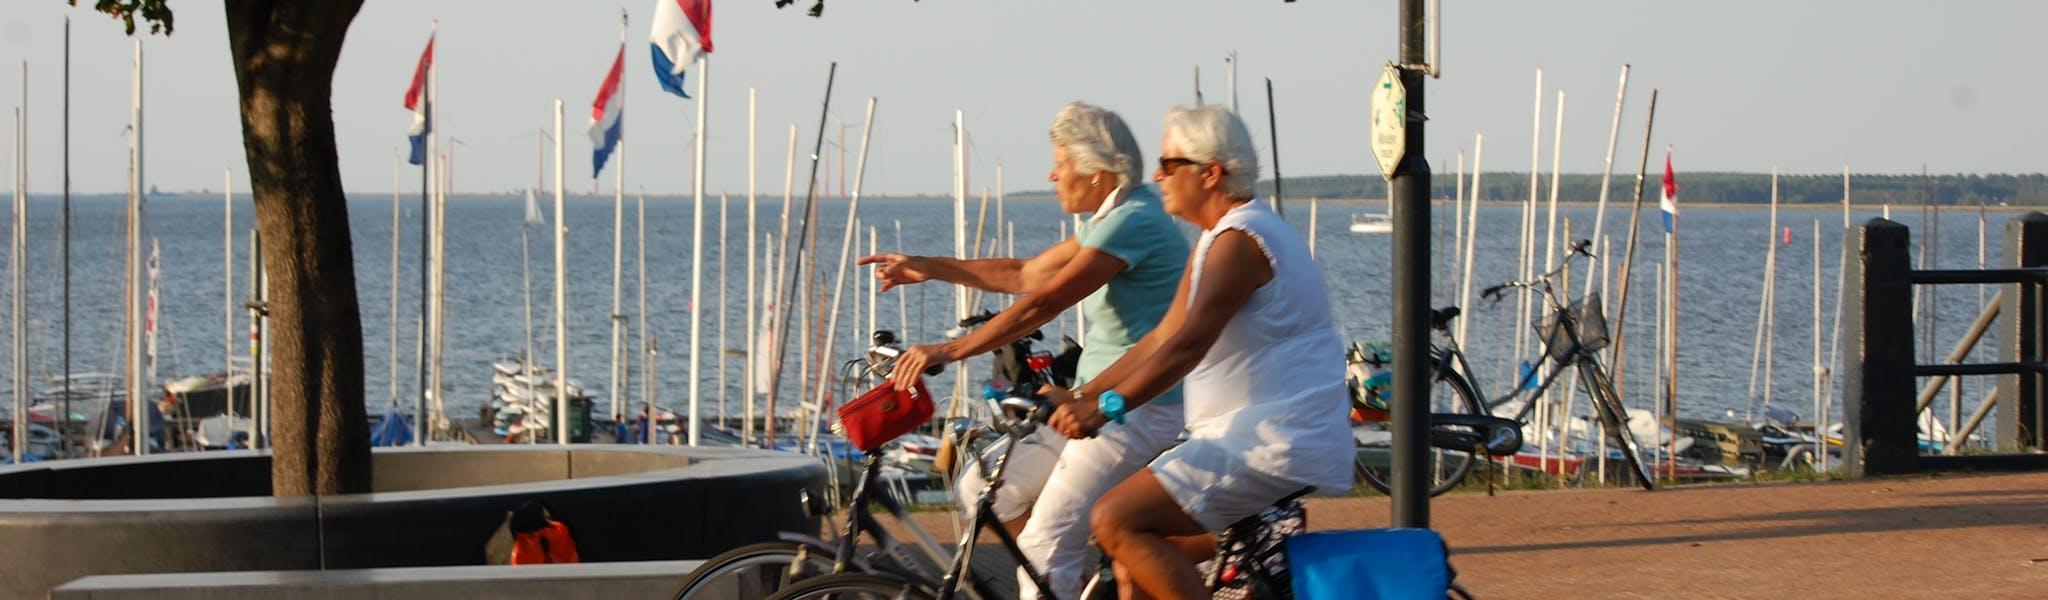 IJsselmeer fietsen